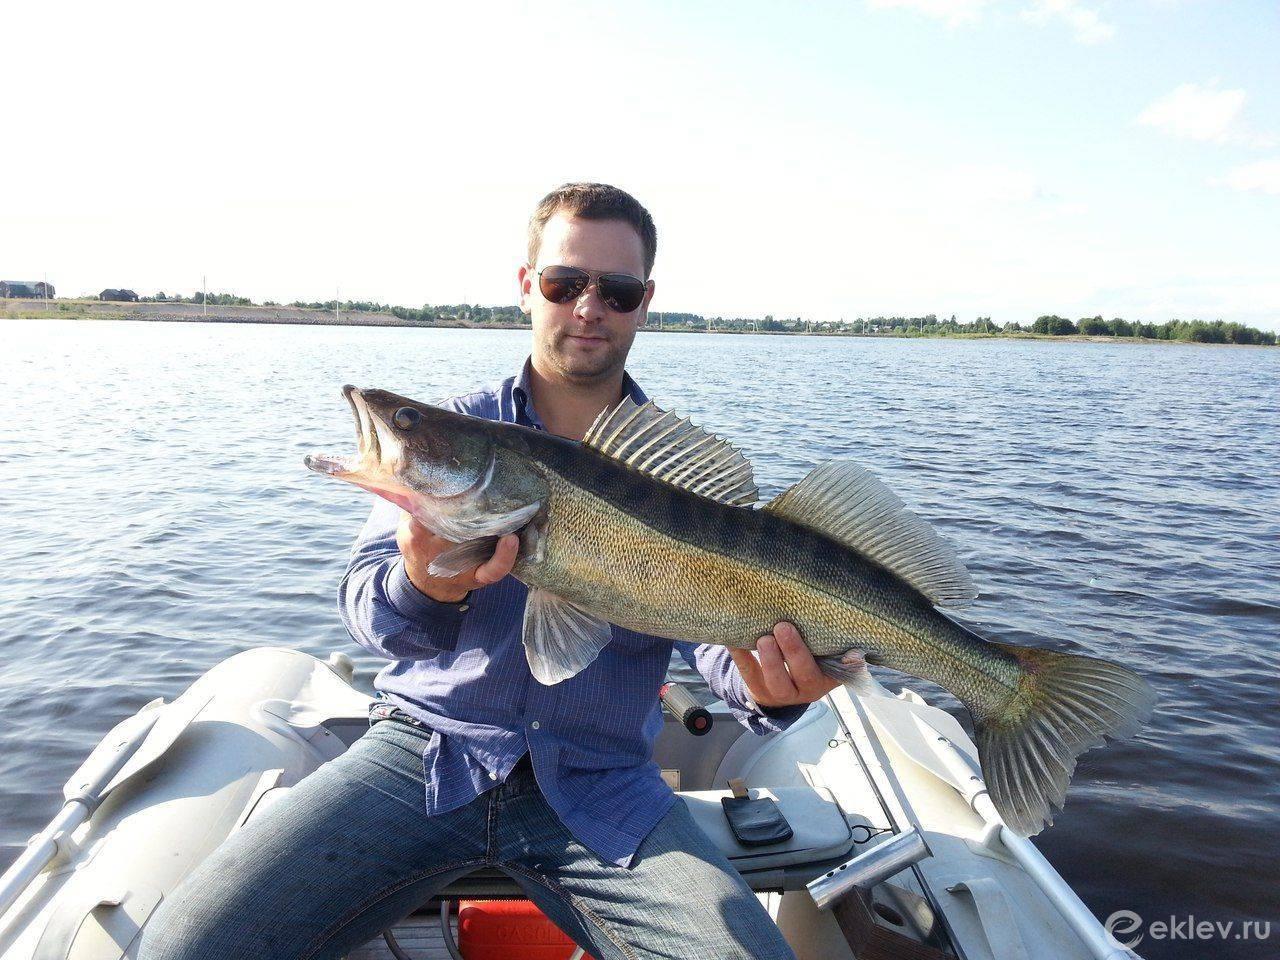 Река шоша: для рыбалки в московской и тверской областях